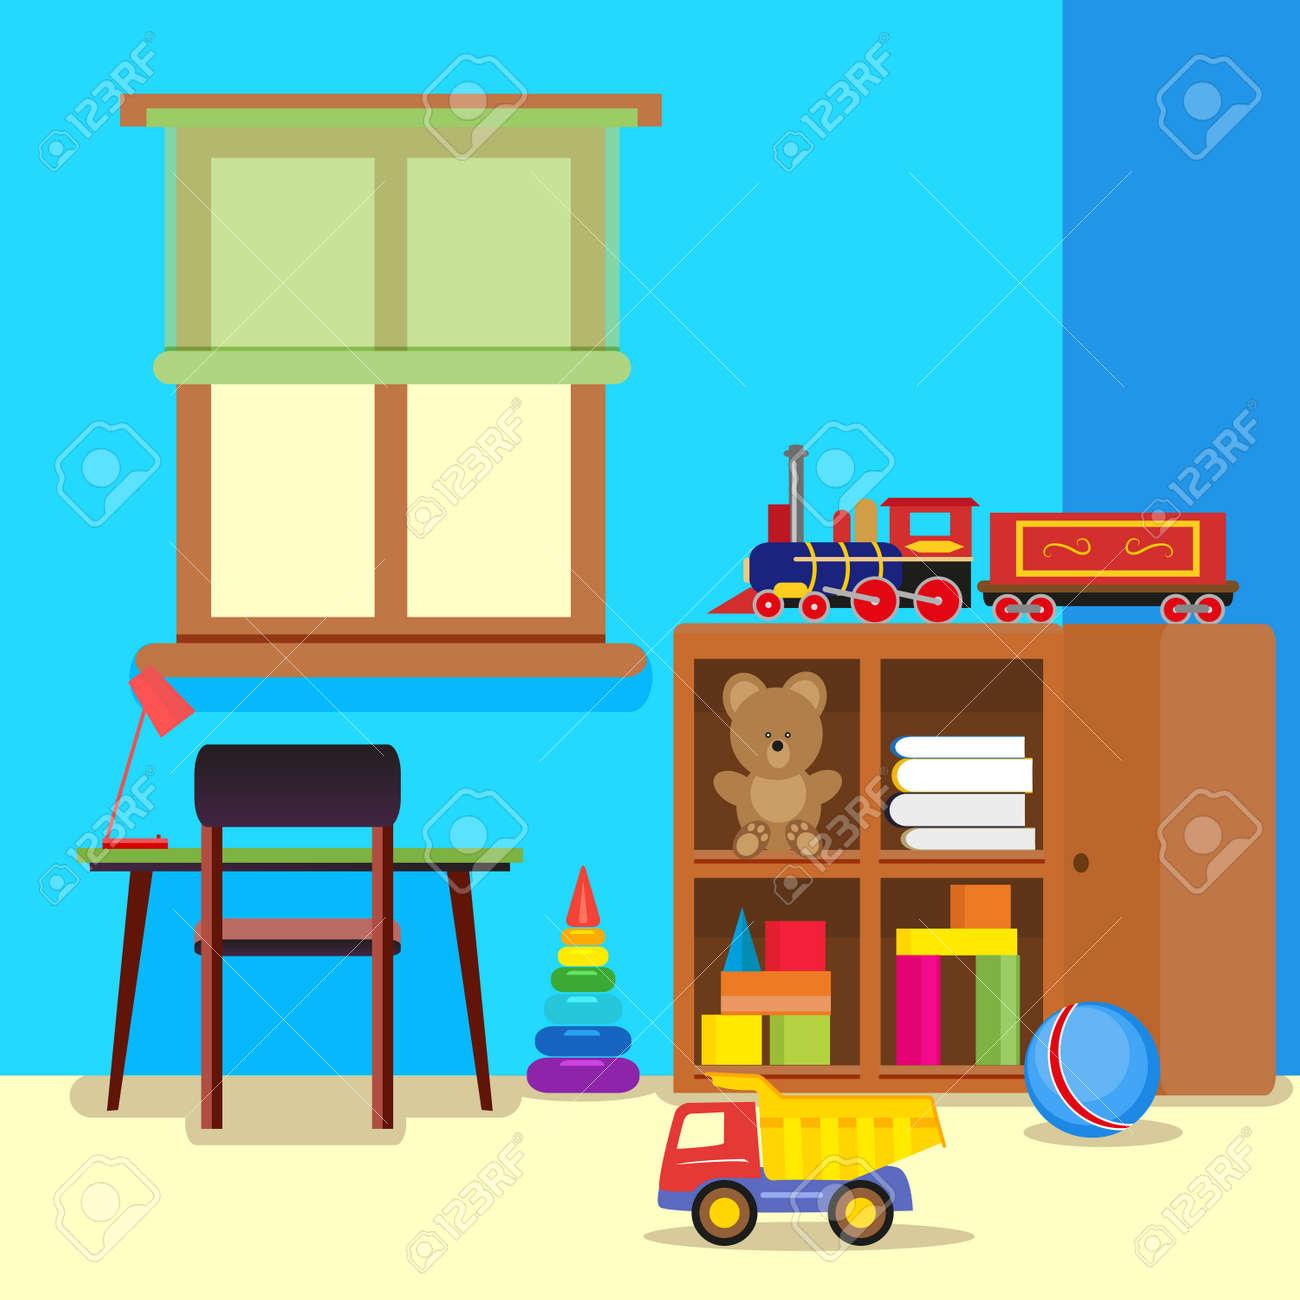 机と椅子 おもちゃでクローゼットの中のカラフルで可愛い子供部屋 フラット スタイルのイラスト のイラスト素材 ベクタ Image